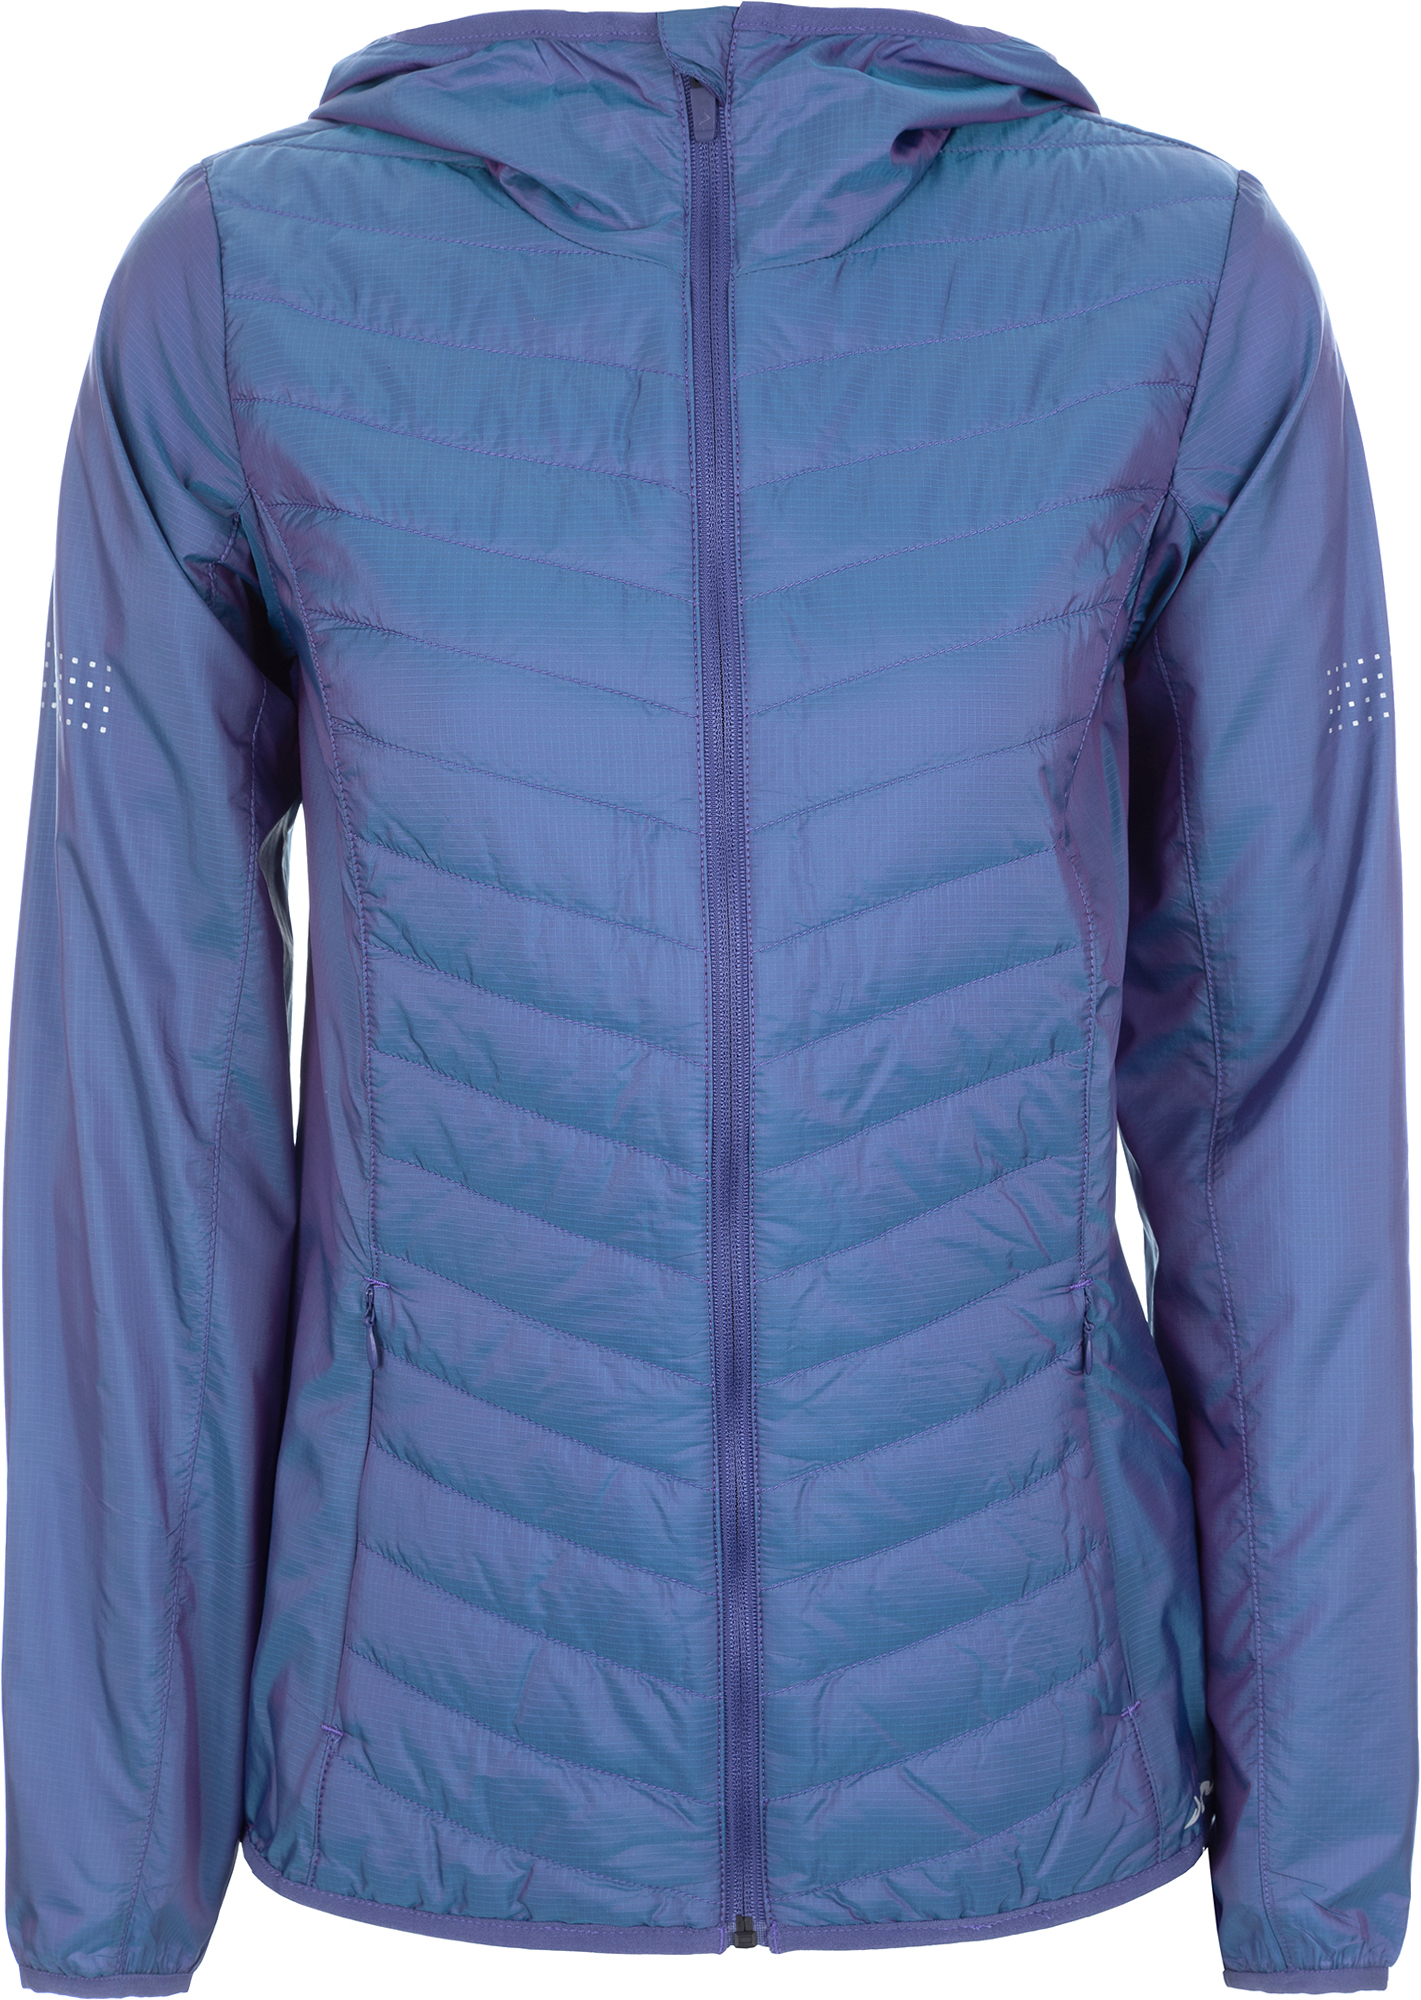 Demix Куртка утепленная женская Demix, размер 48